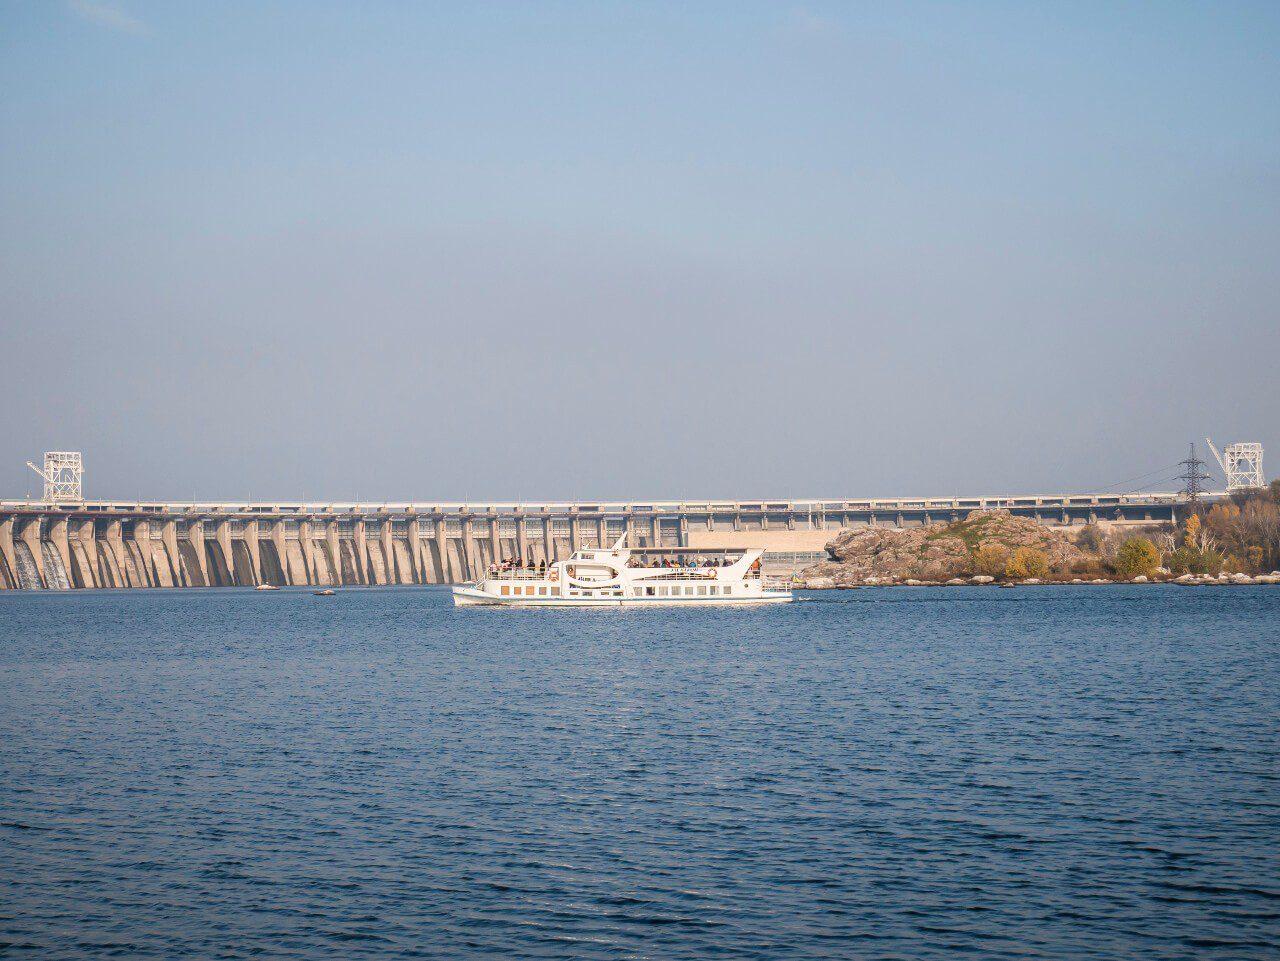 Zapora elektrowni wodnej Zaporoże